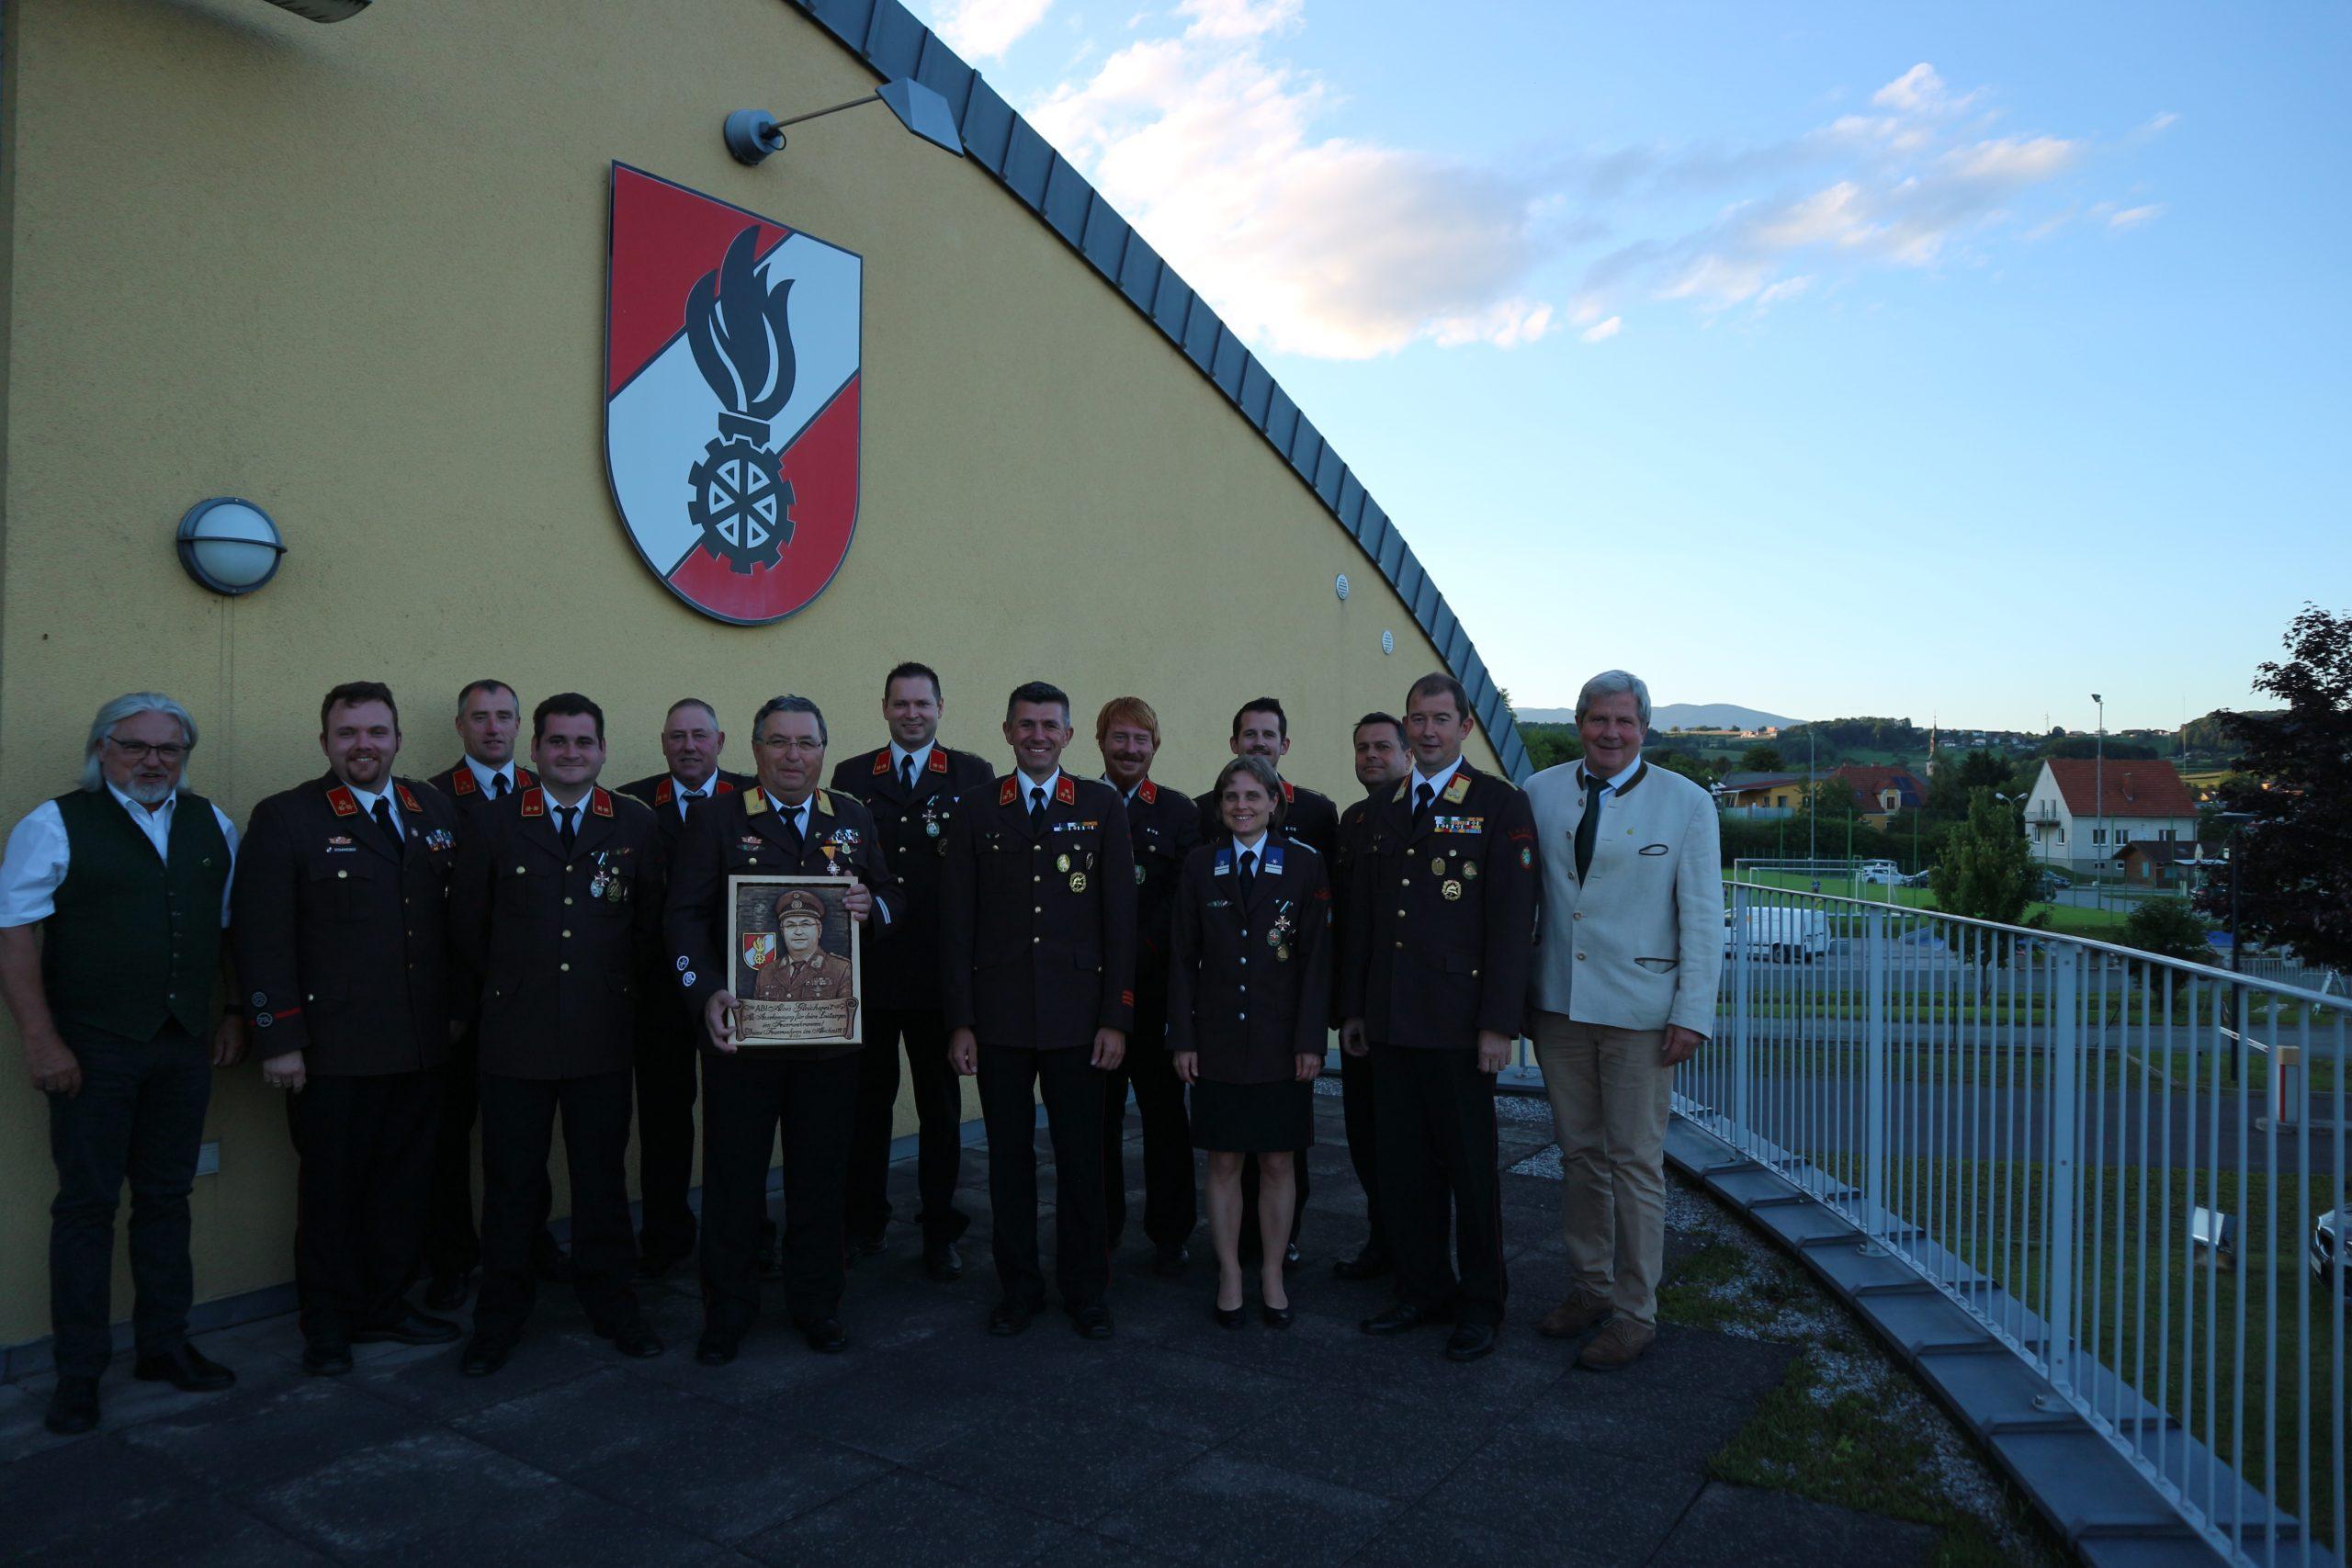 Christian Hatzl zum Abschnittskommandanten gewählt